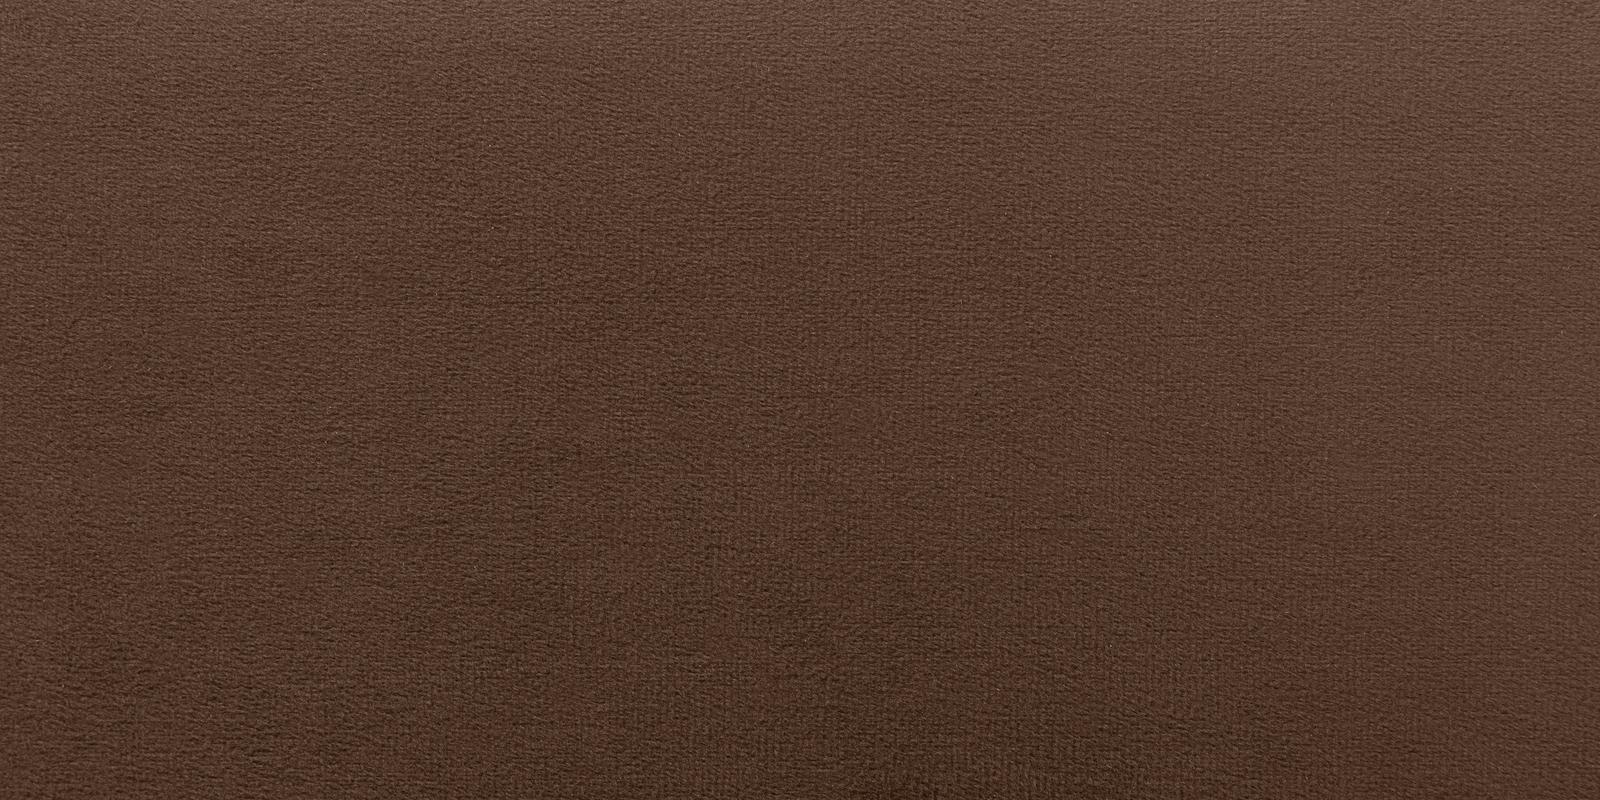 Кресло тканевое Камелот Velure темно-коричневый (Велюр)